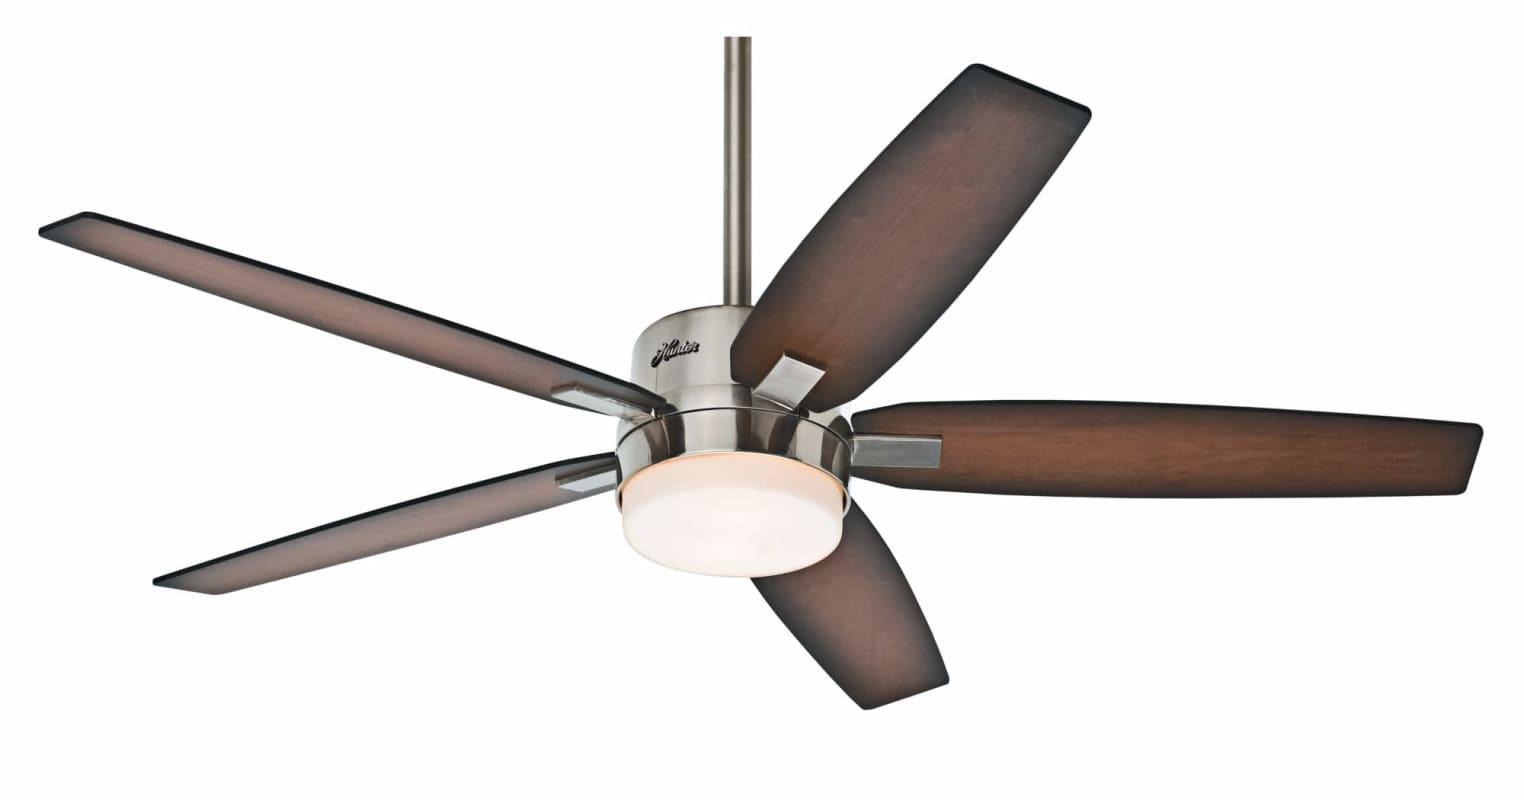 Hunter 59039 Brushed Nickel 54 Quot Indoor Ceiling Fan 5